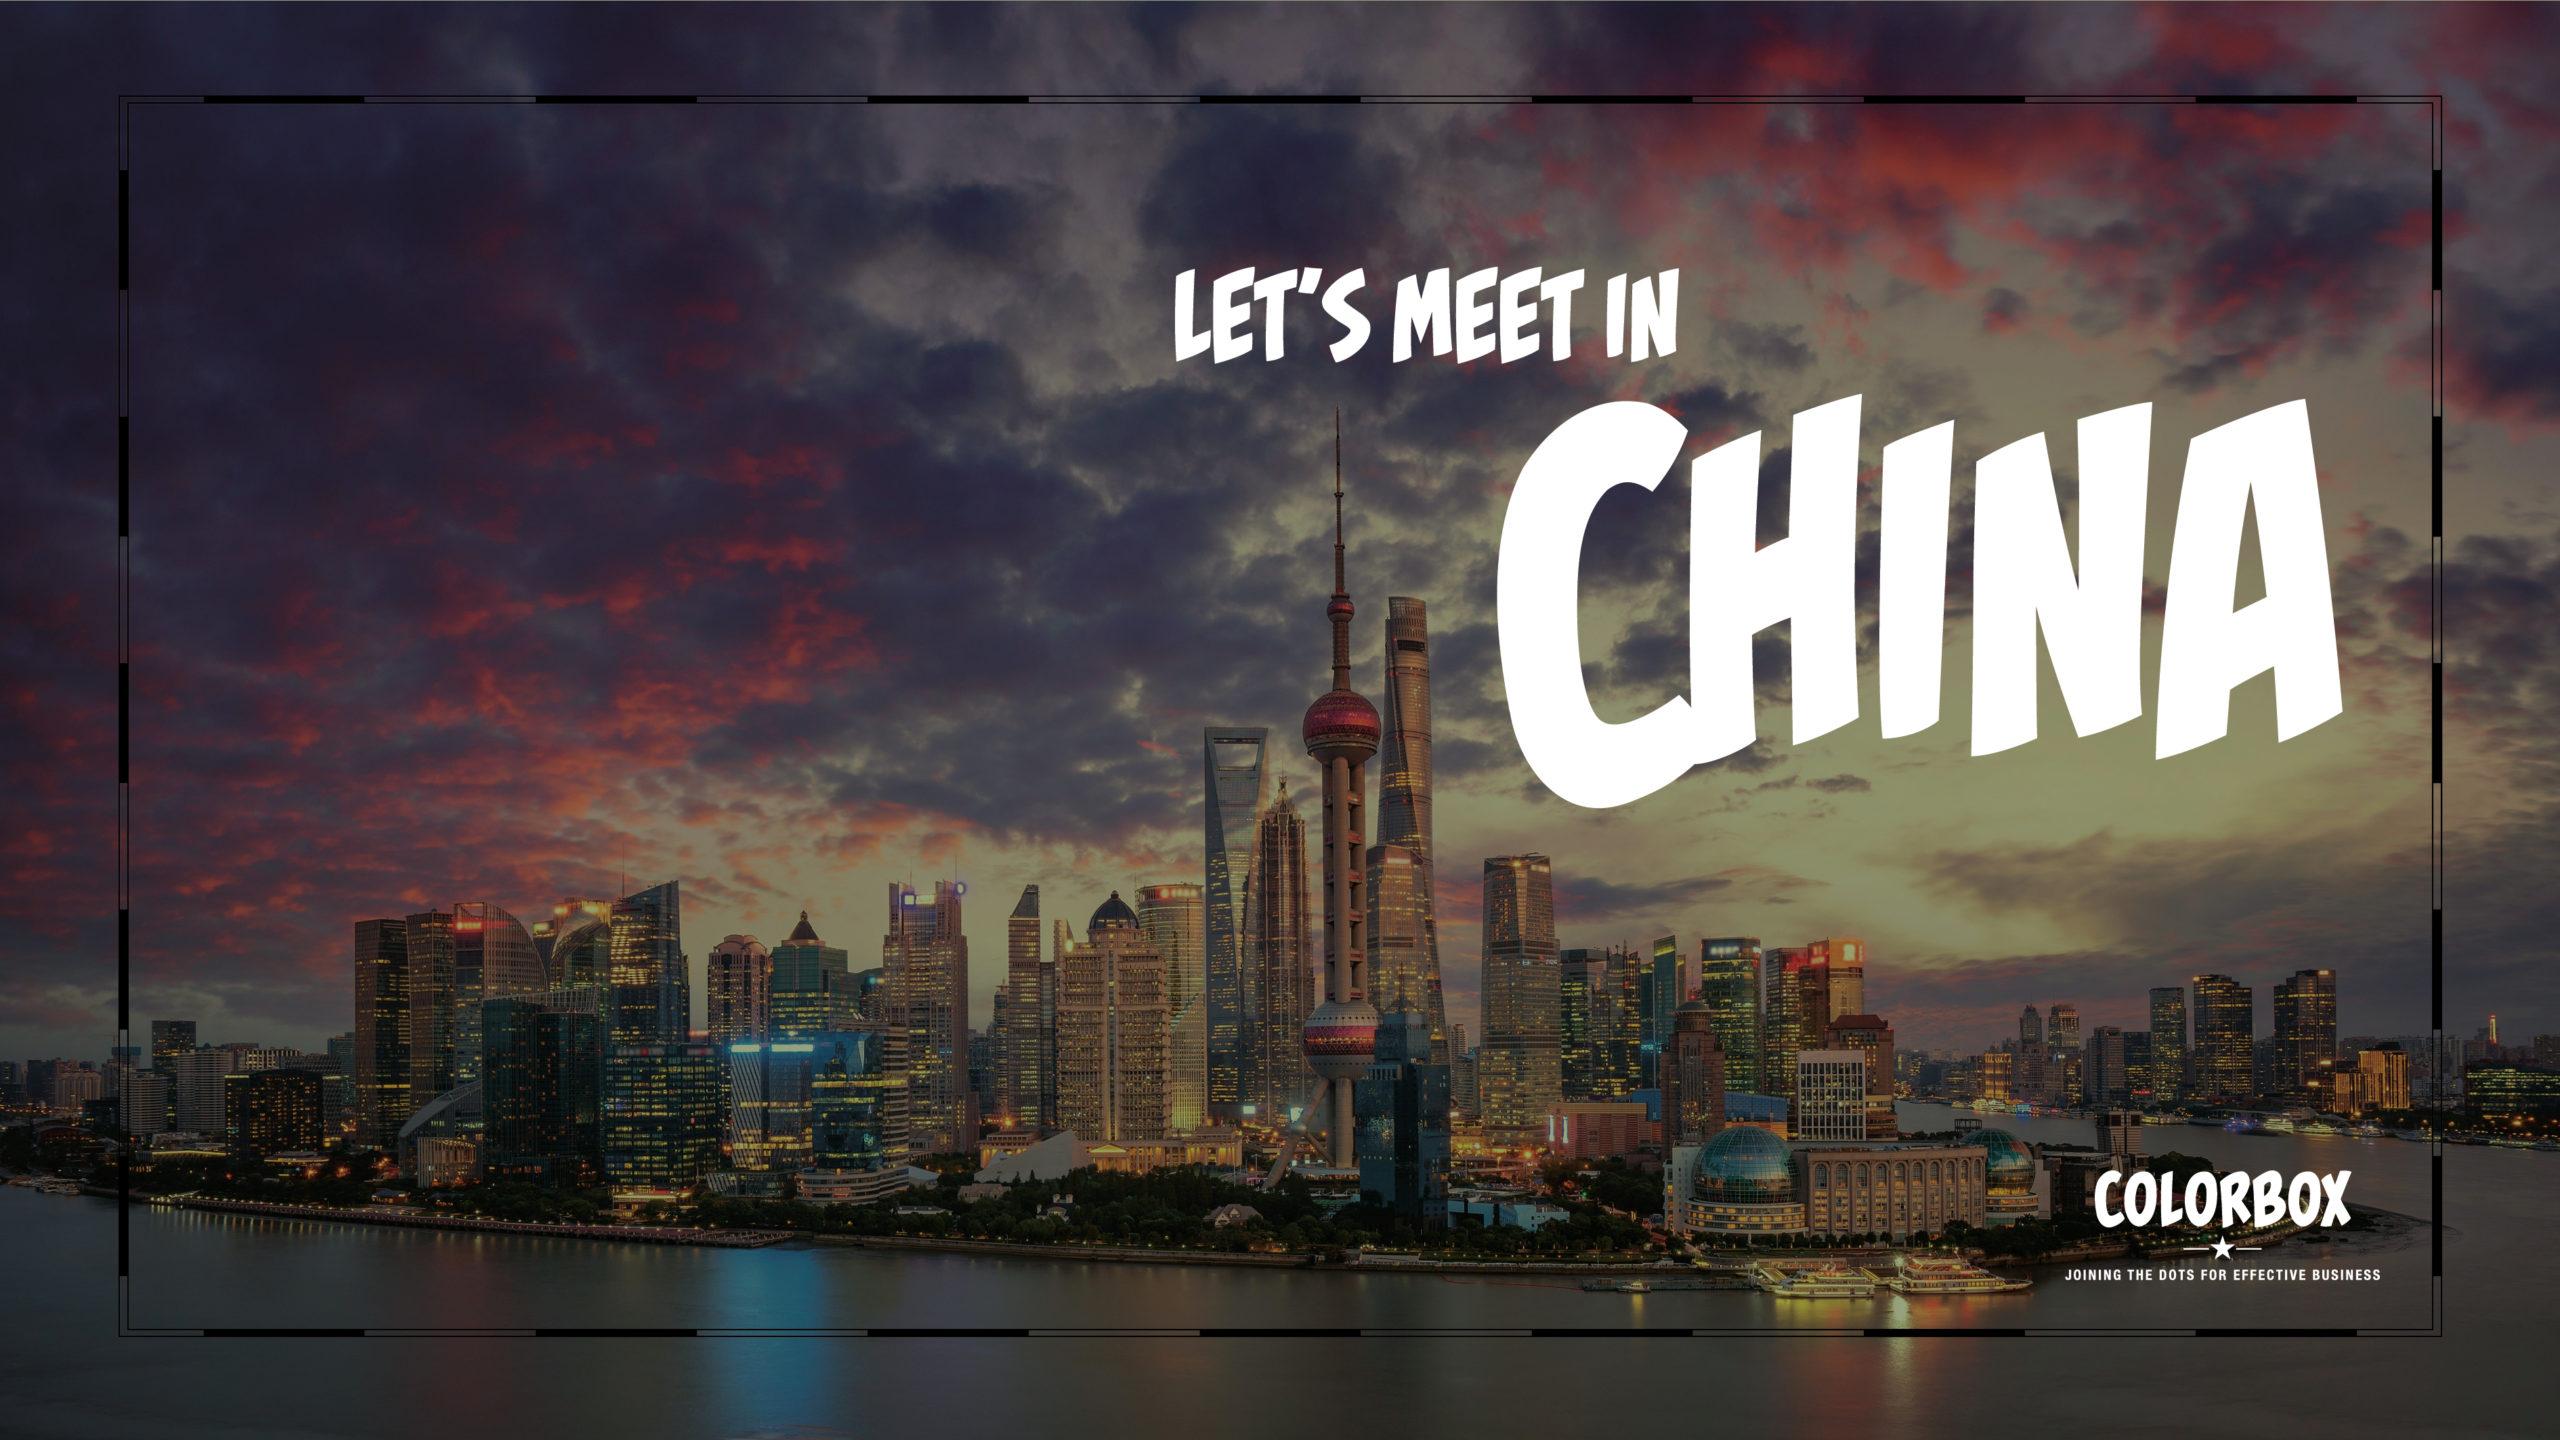 China-3-01